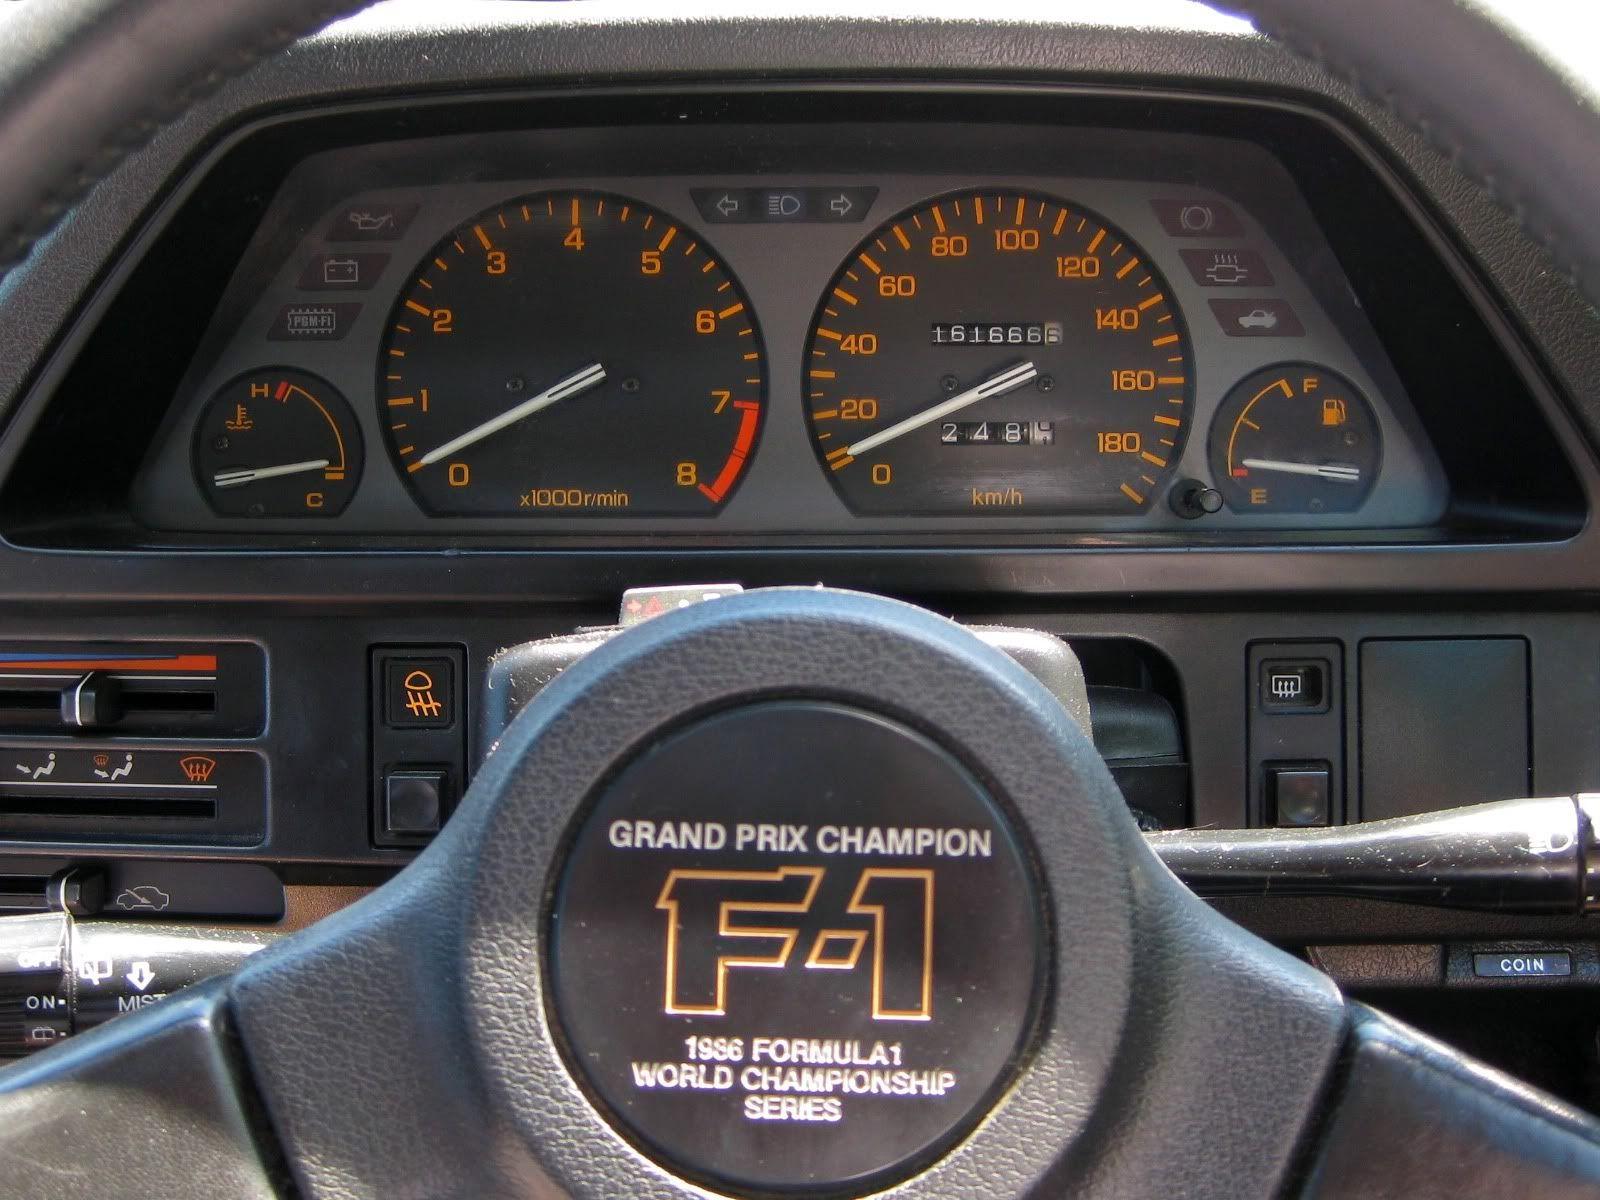 1986 Honda Civic Si (E AT) F1 Edition